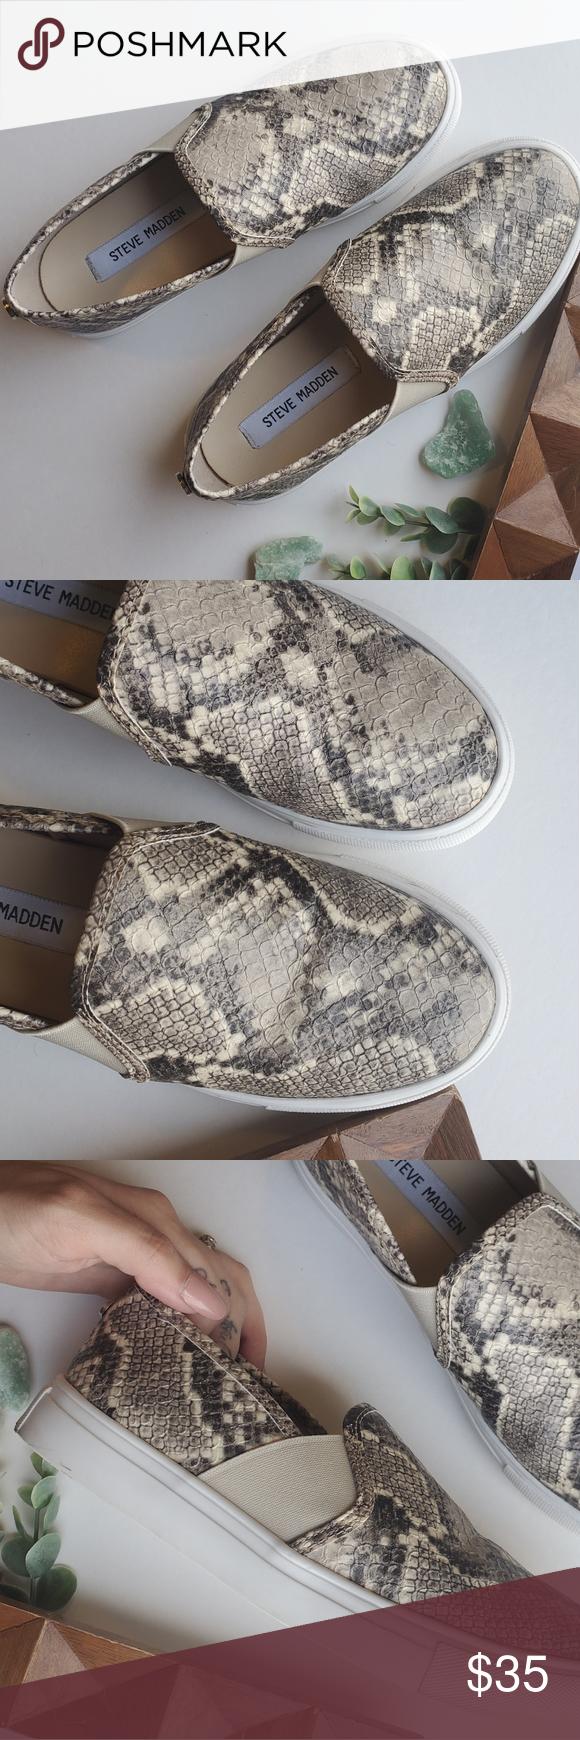 steve madden snakeskin sneakers